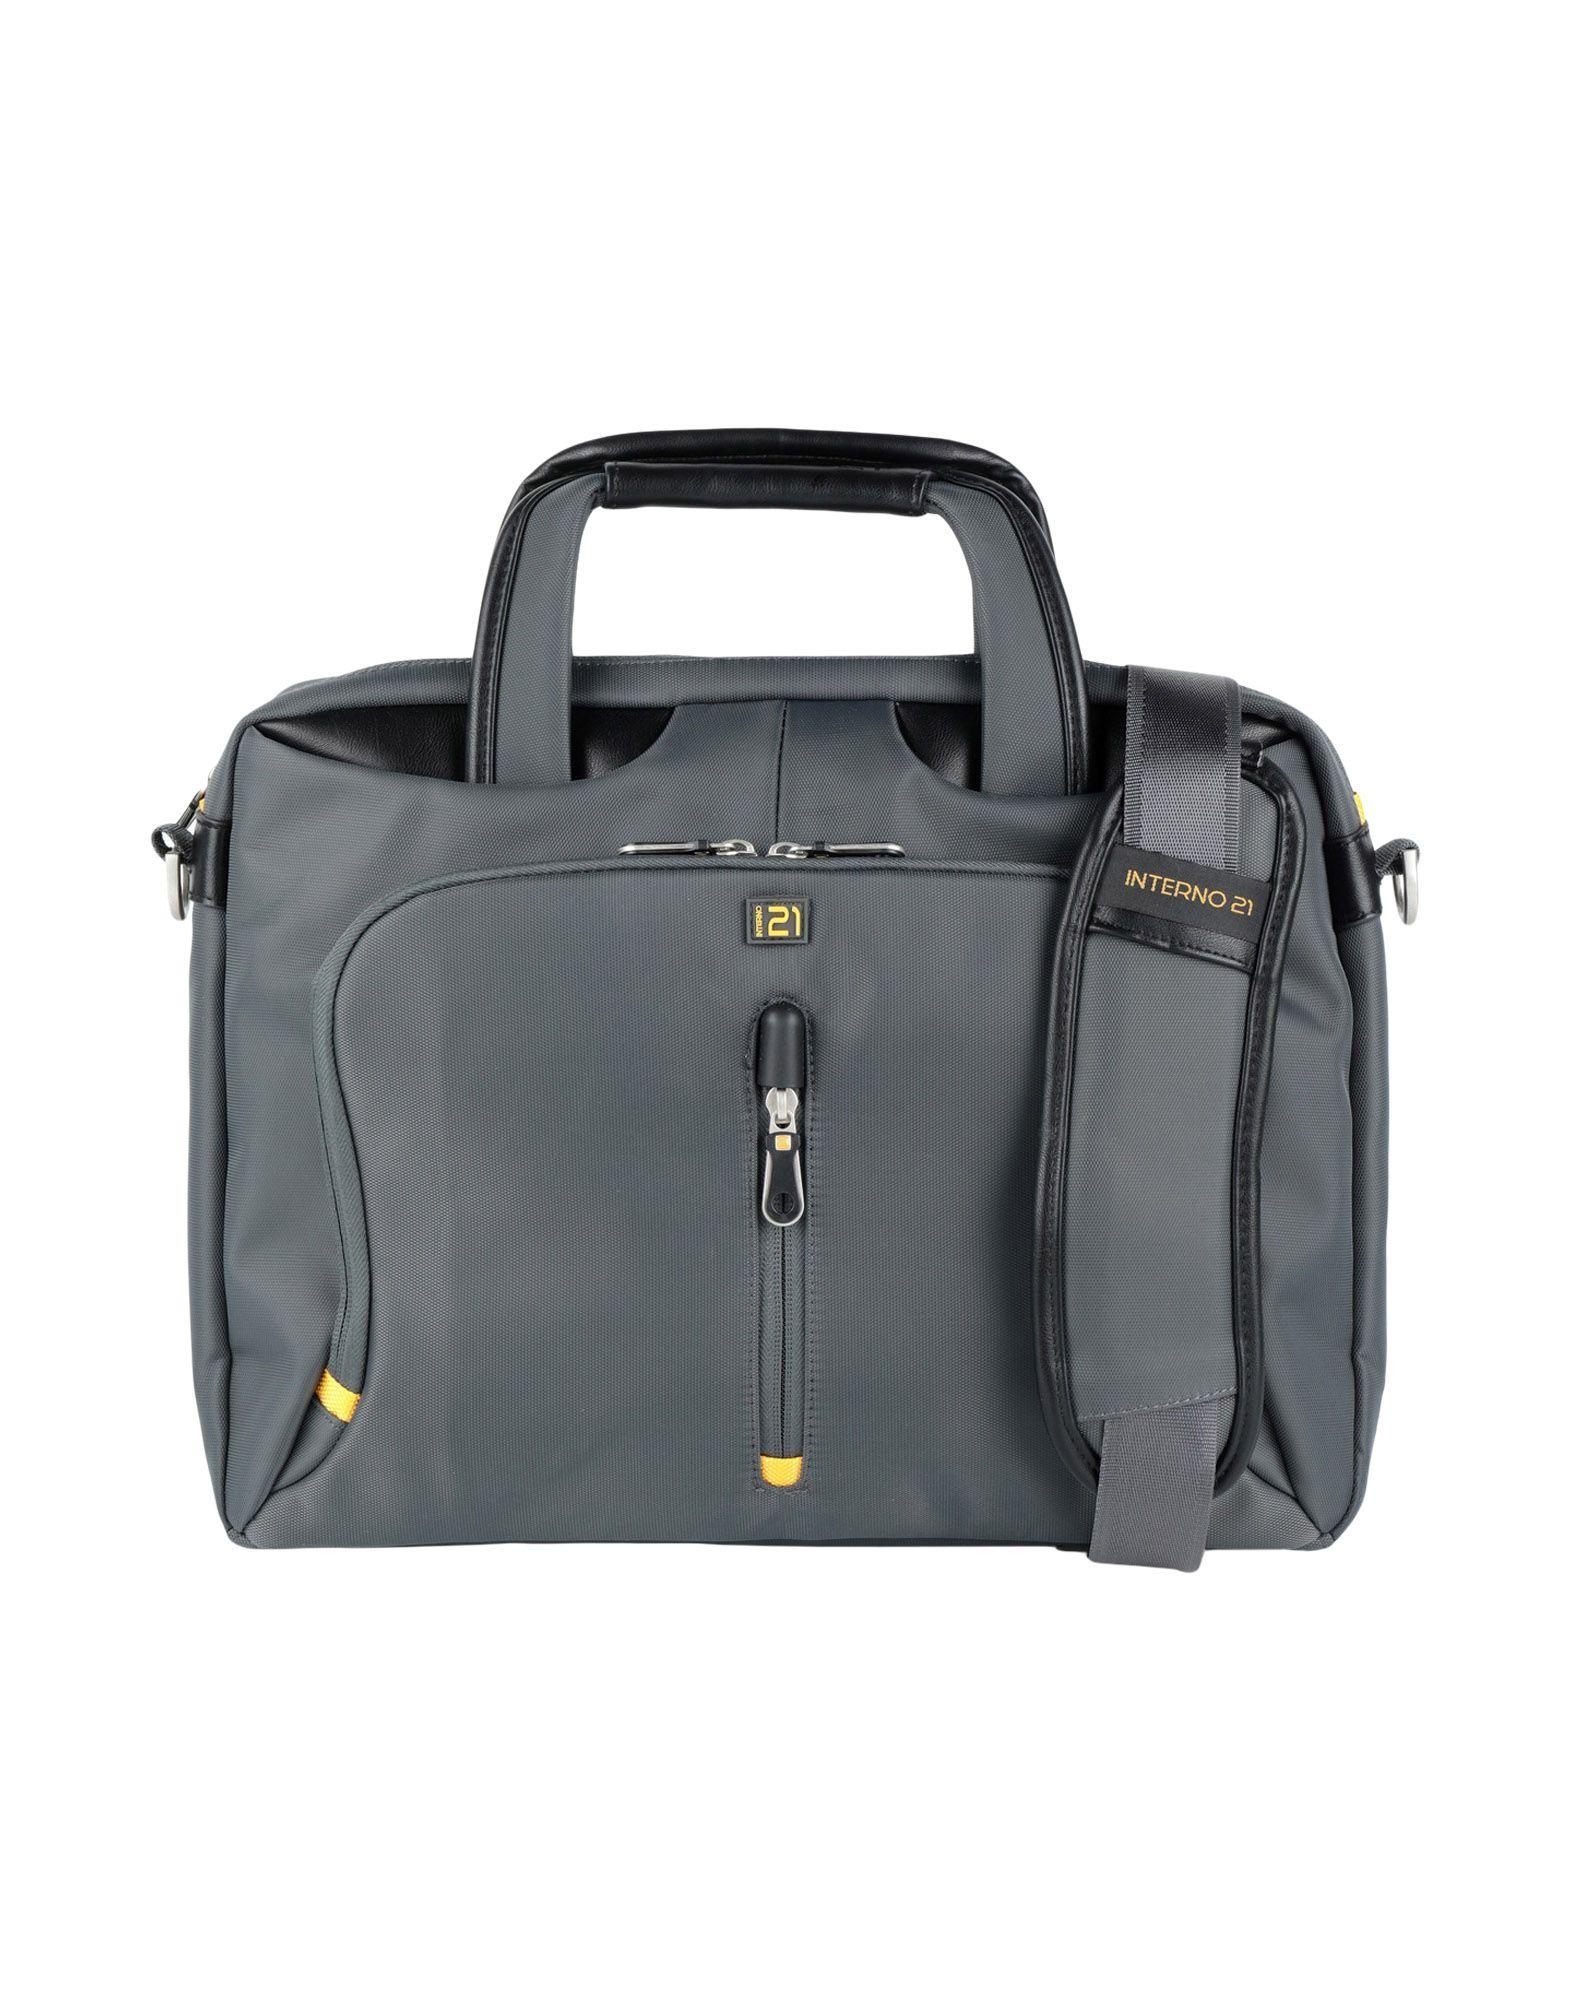 INTERNO 21® Деловые сумки сумка frija сумки деловые